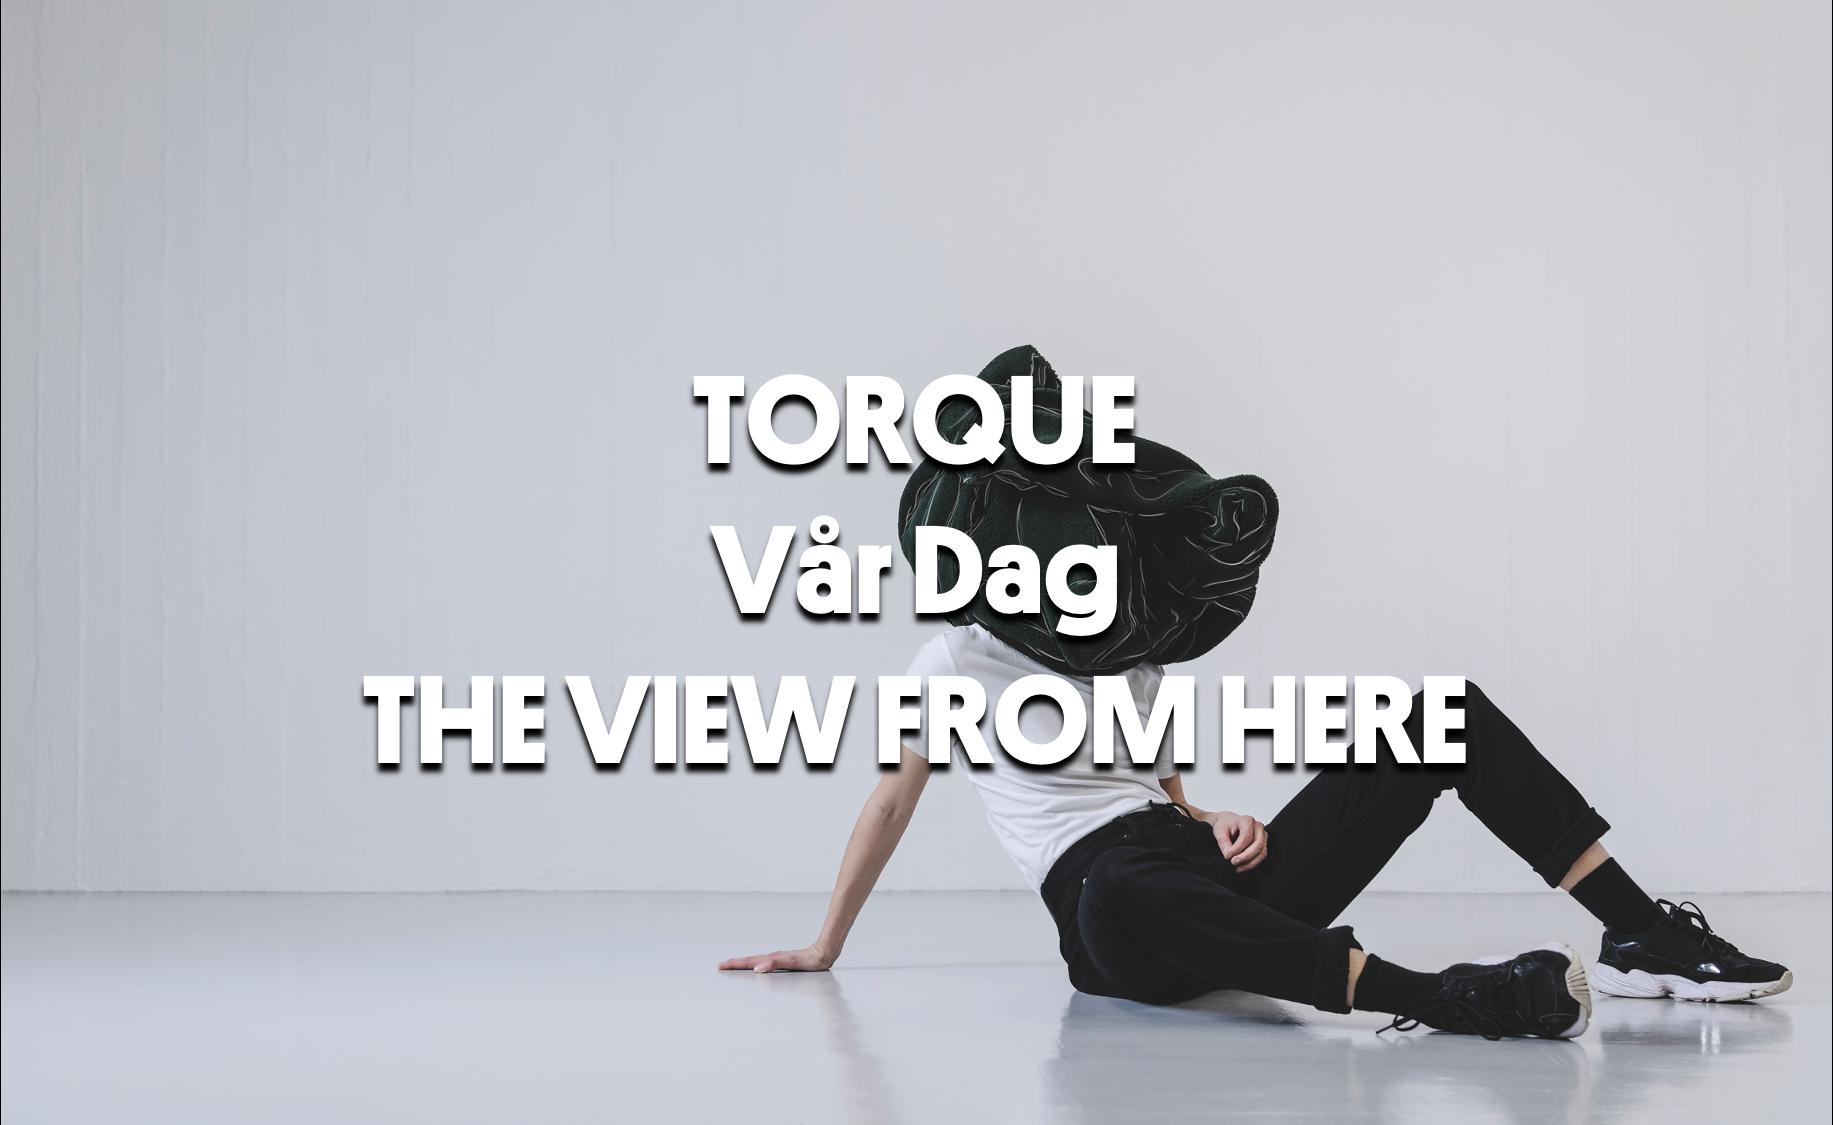 Länk till utdrag på Vimeo av TORQUE, Vår Dag och The View From Here